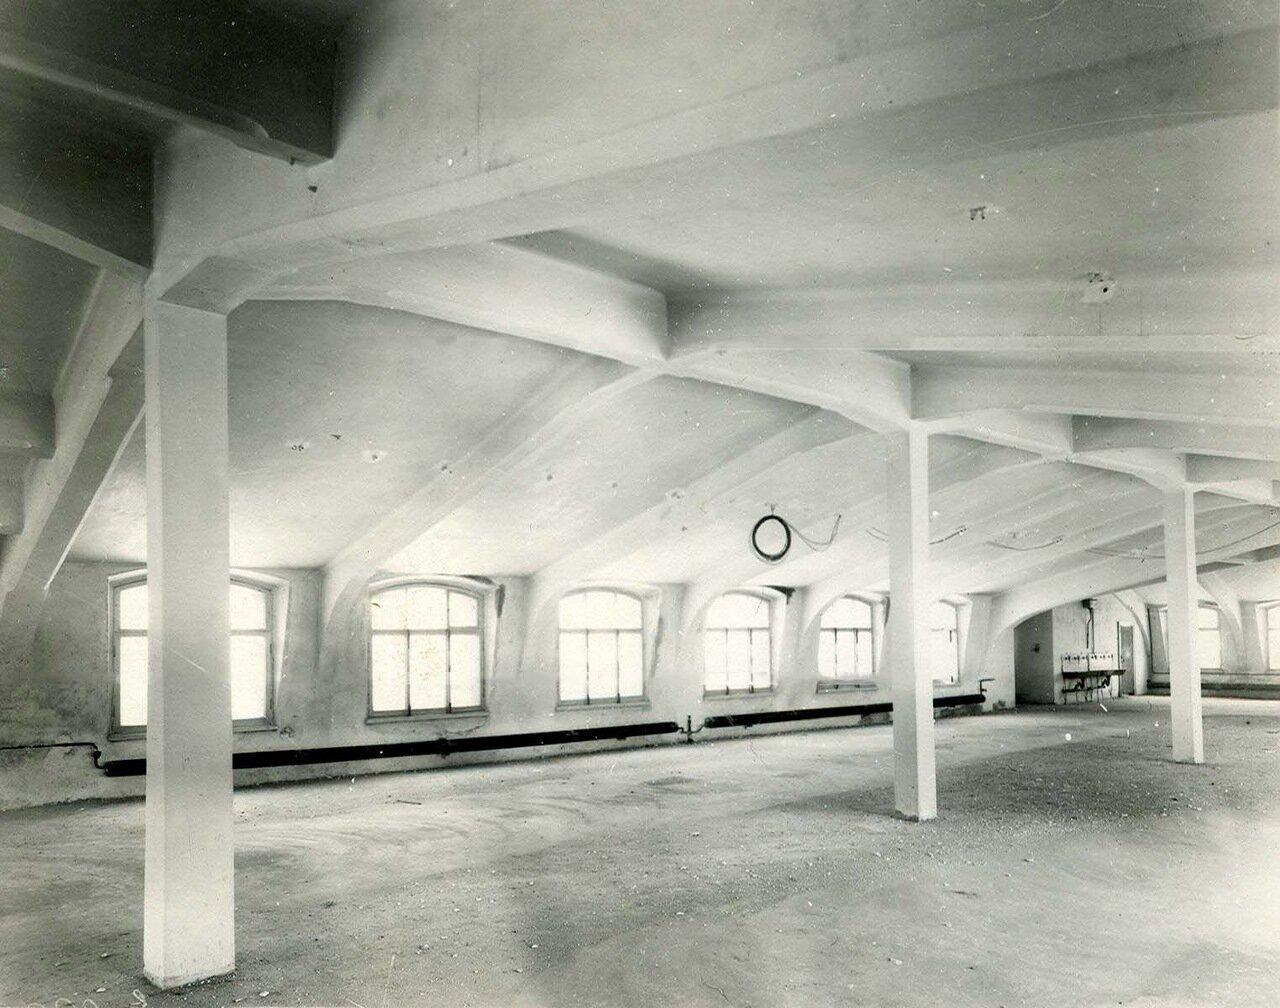 08. Образец железо-бетонной конструкции чердачного помещения